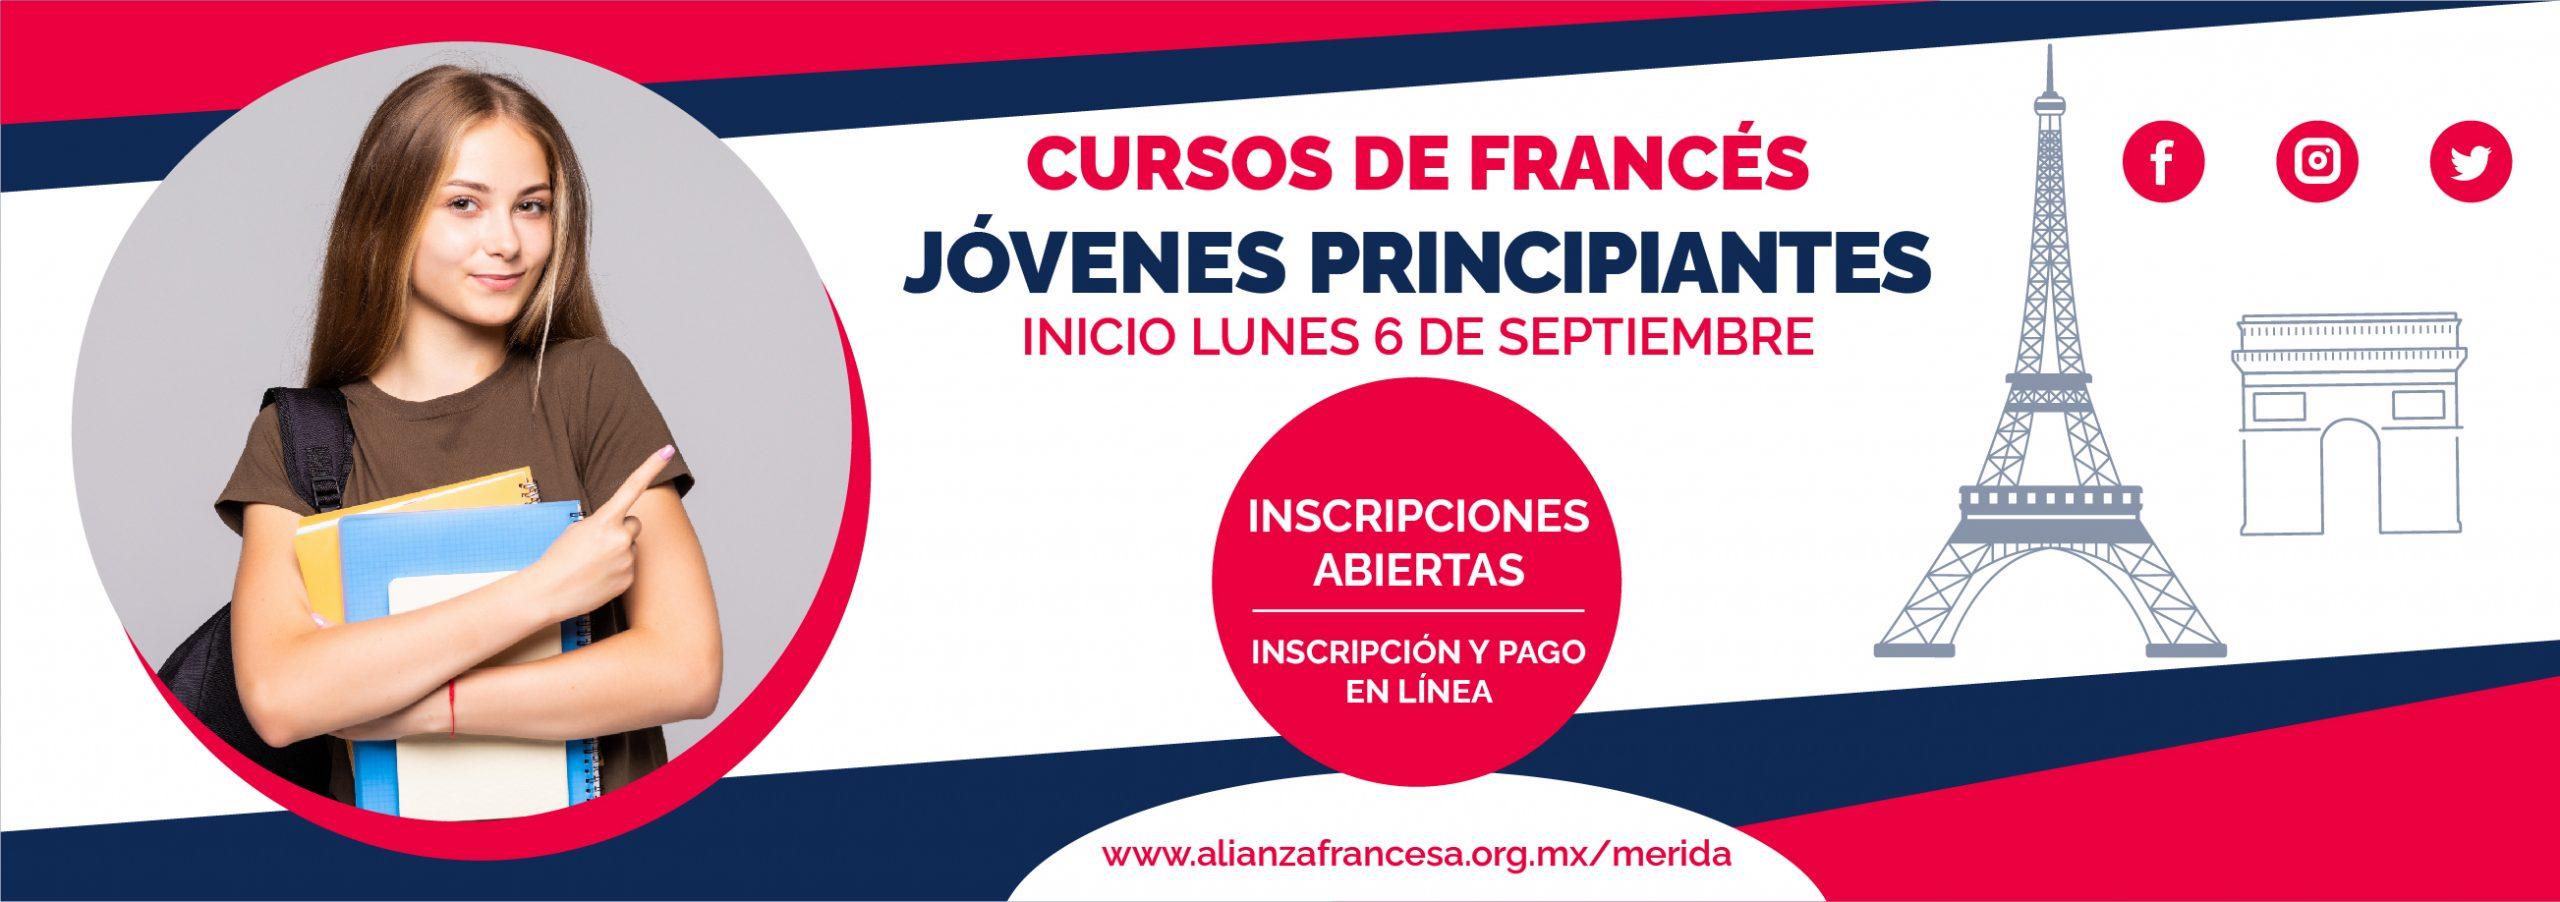 Alianza Francesa de Mérida